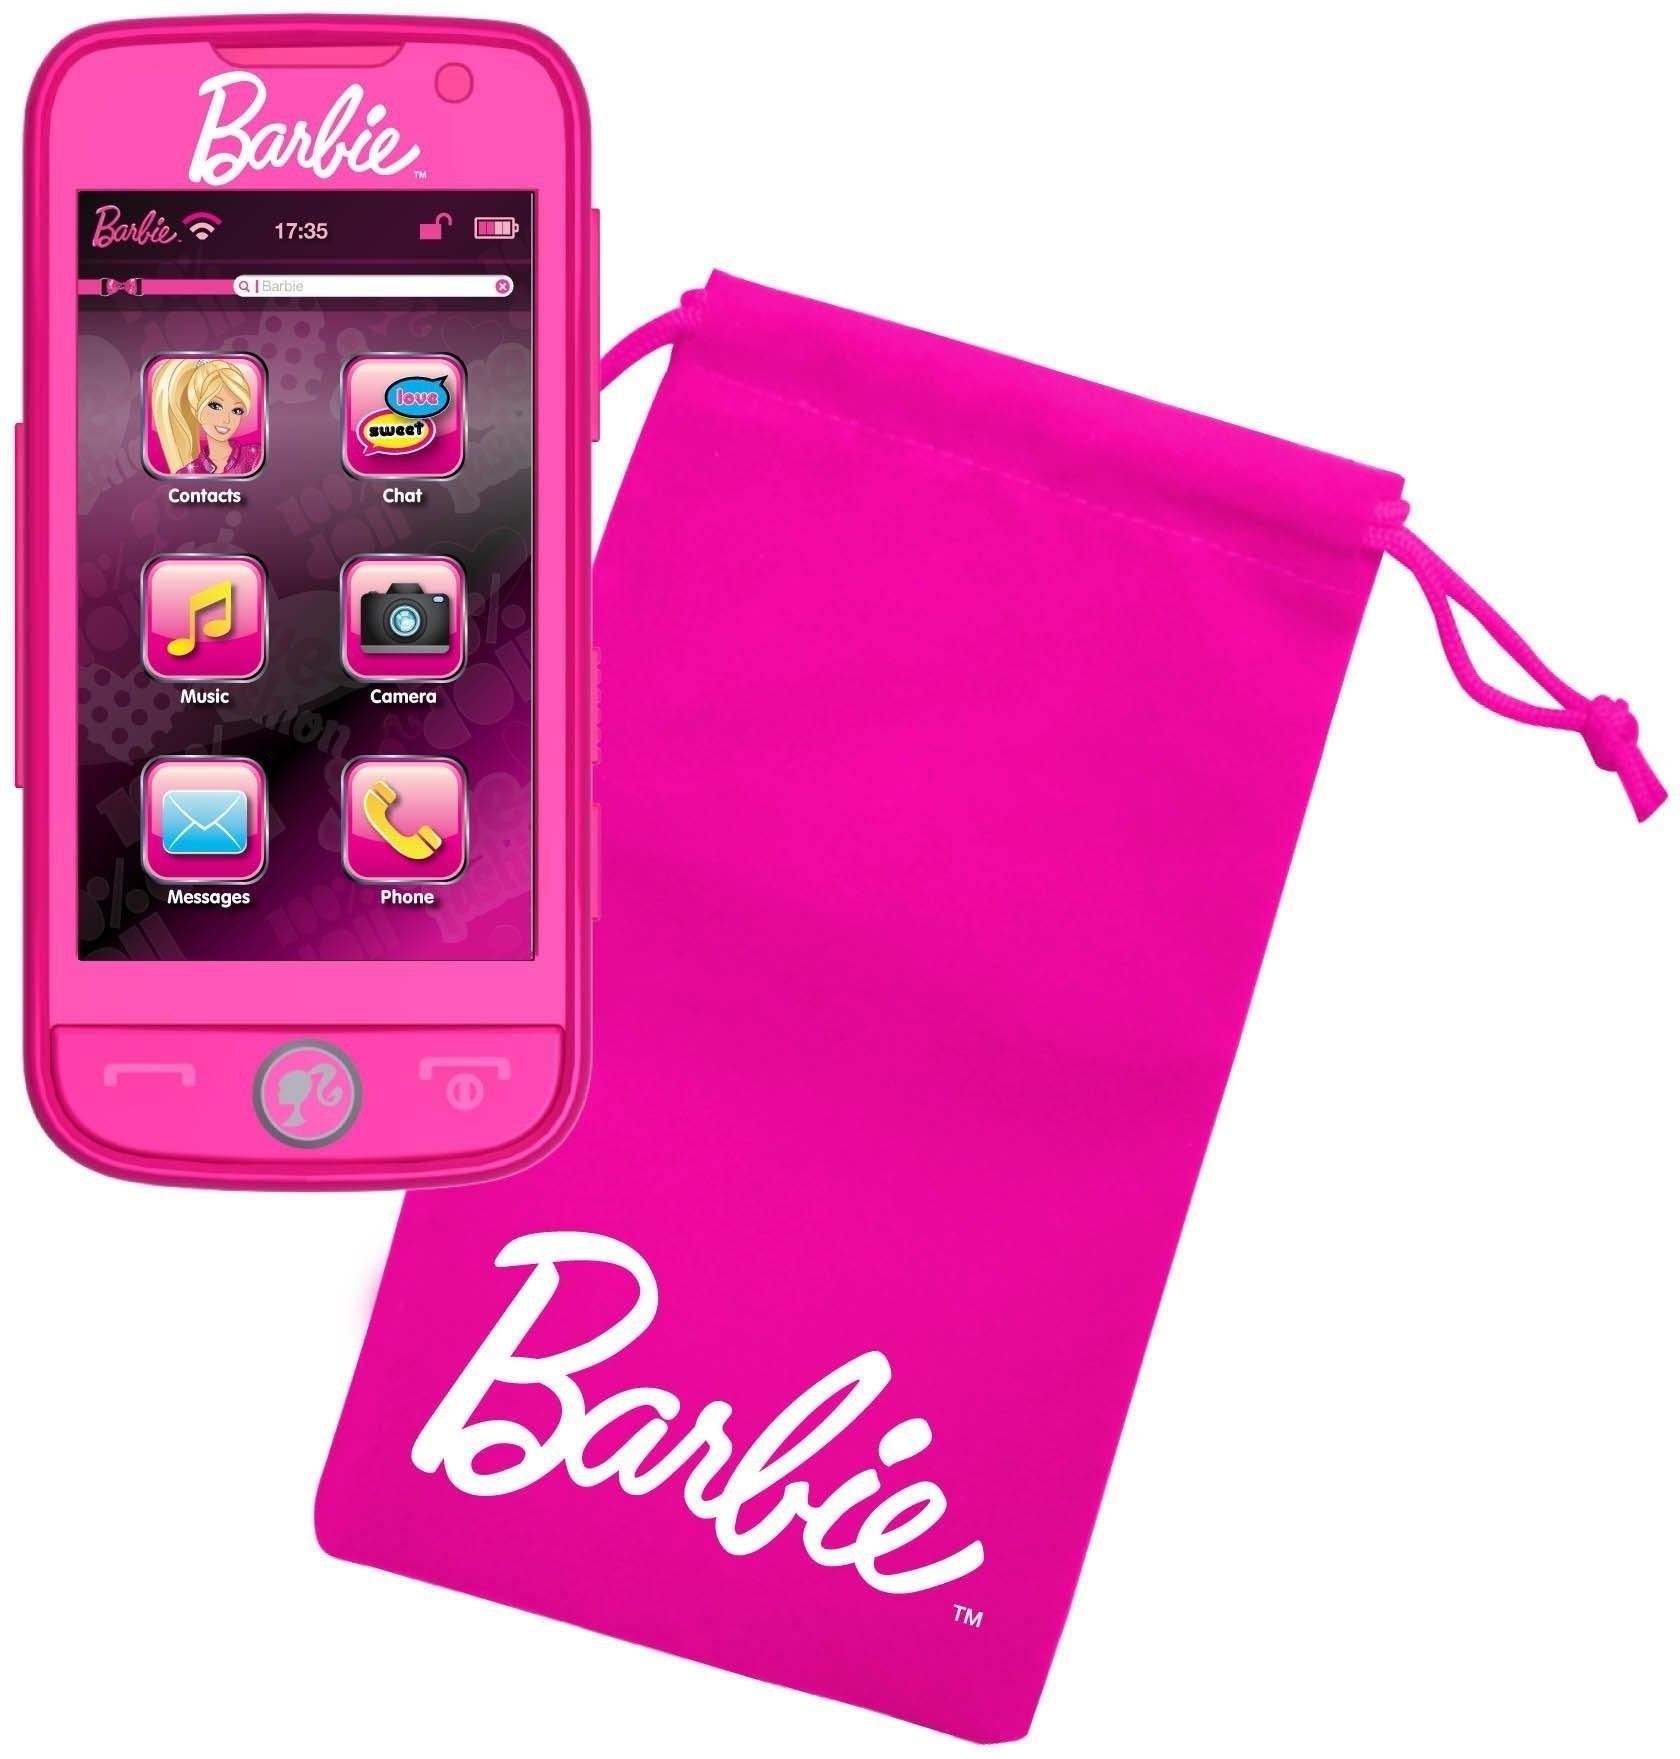 Barbie Toy Phone : Barbie phone